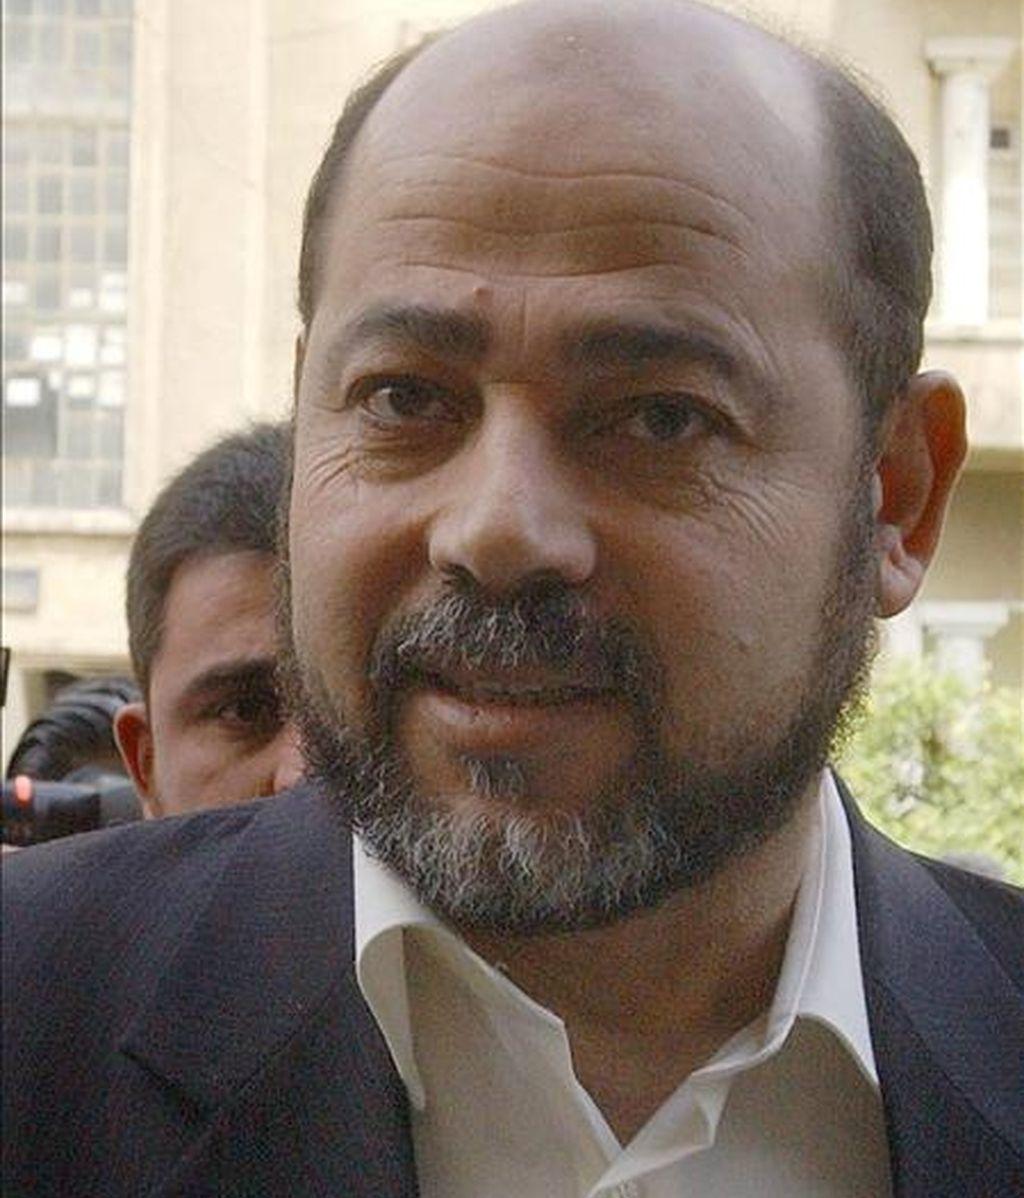 El vicepresidente de la oficina política de Hamás en Damasco, Musa abu Marzuq. EFE/Archivo